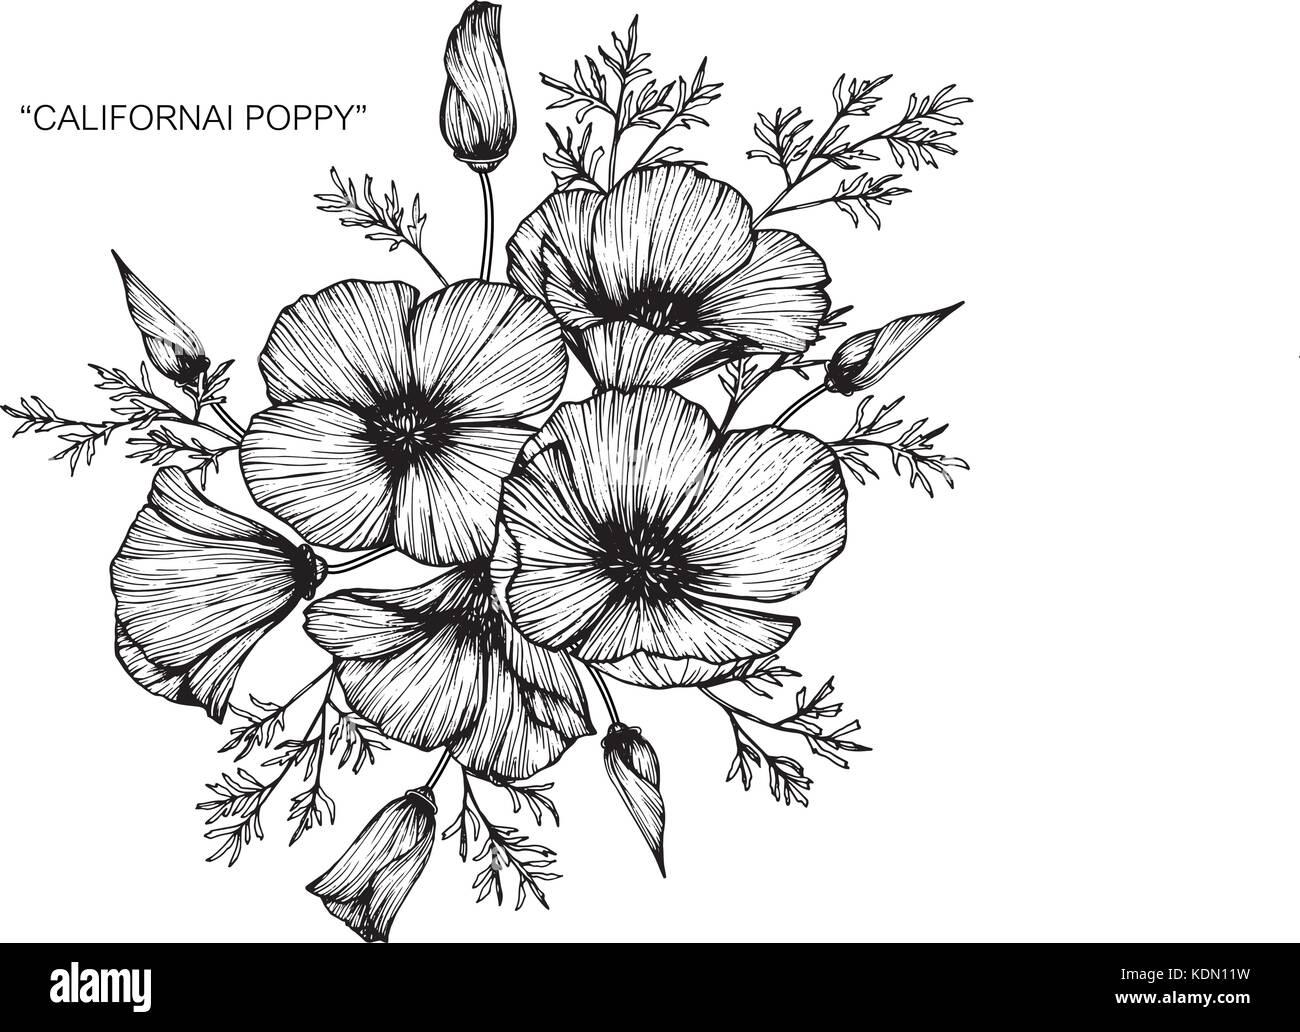 Fleur De Pavot De Californie Illustration Dessin Noir Et Blanc Avec